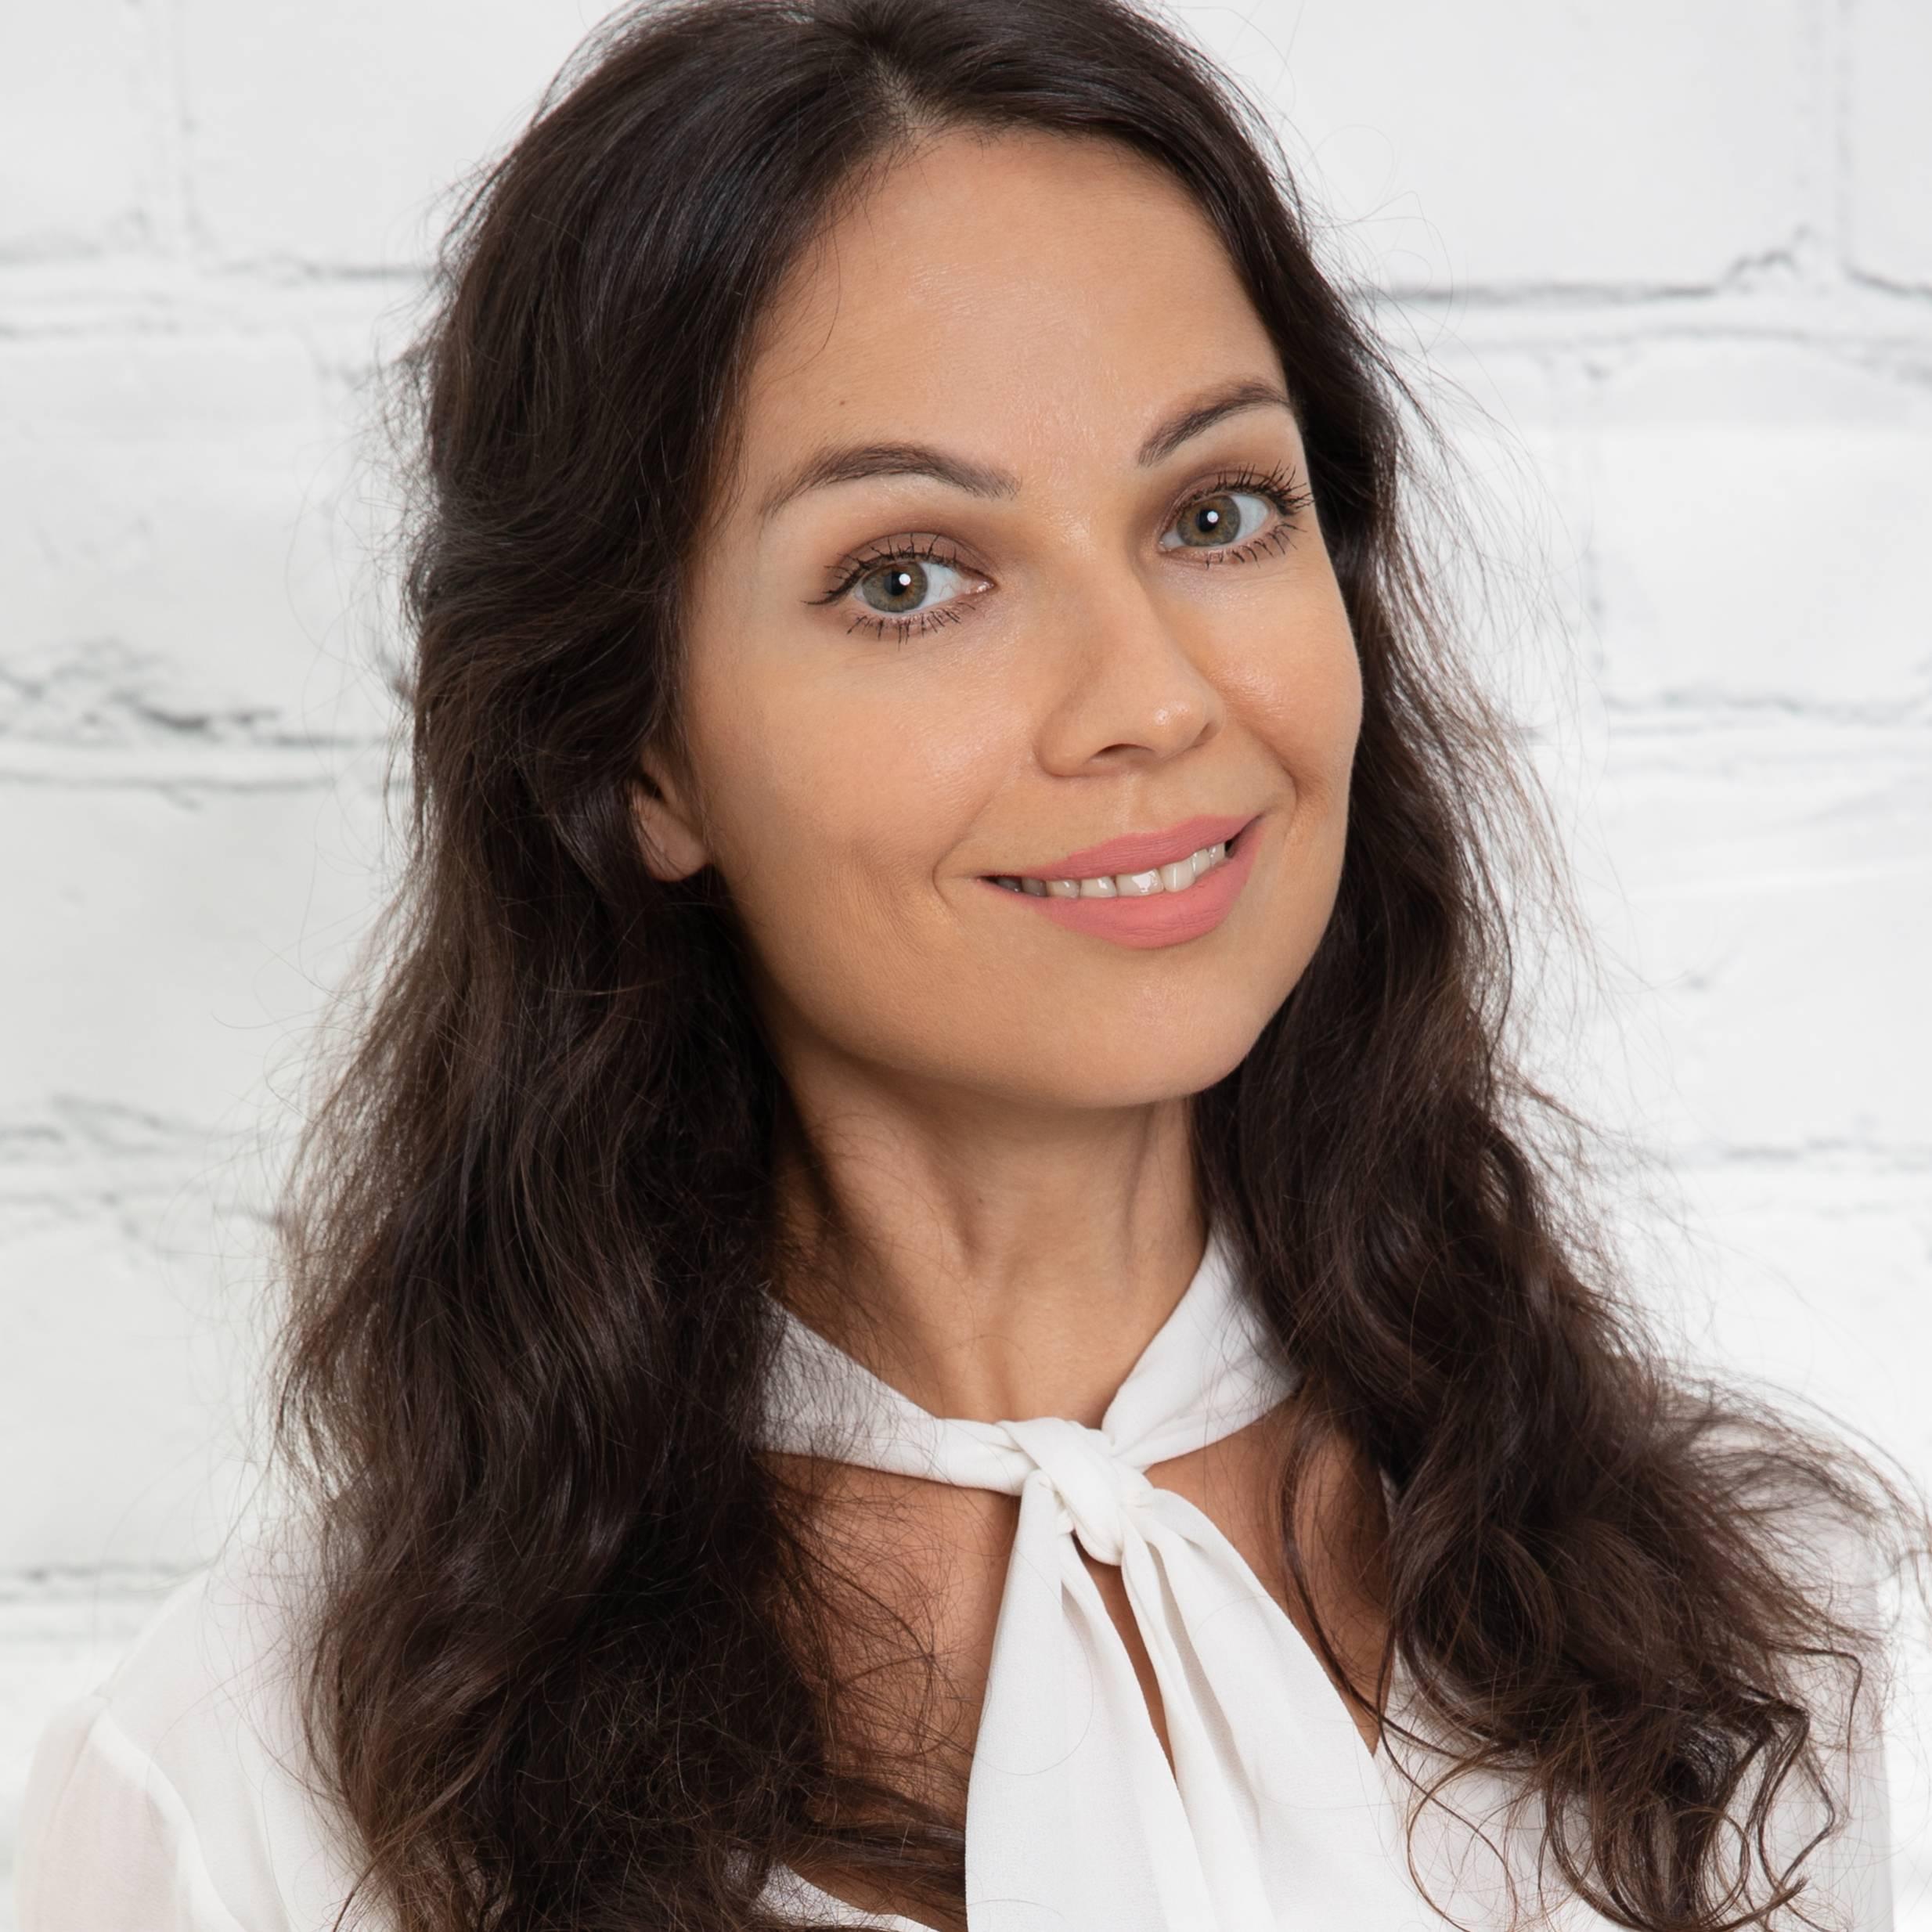 Gulnara Yaroslavtseva